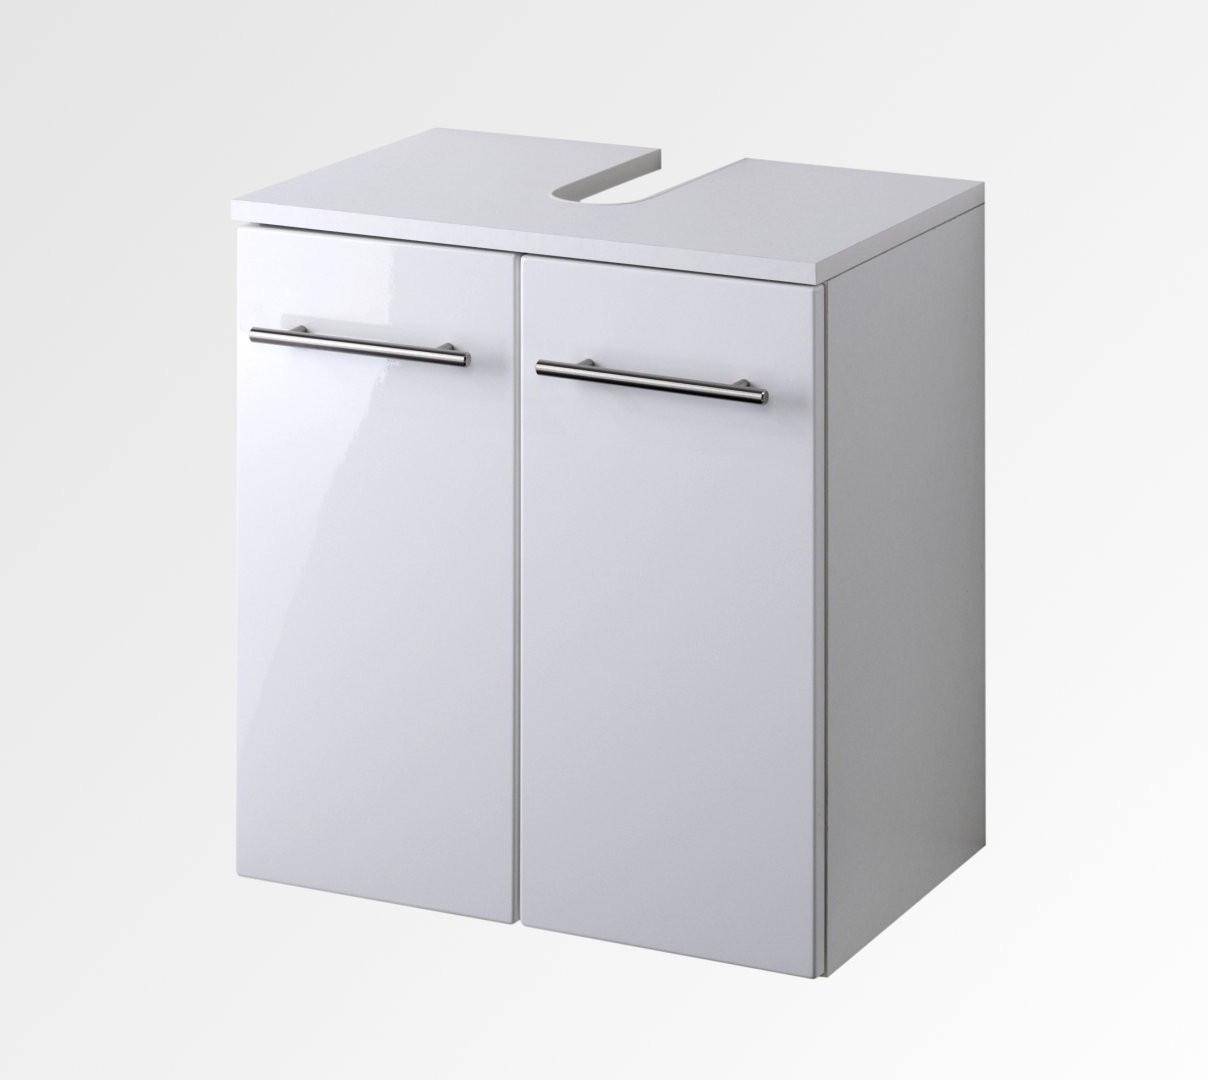 Waschbeckenunterschrank 50 Cm Breit  Bad Waschbeckenunterschrank SMALL 2 türig 50 cm breit